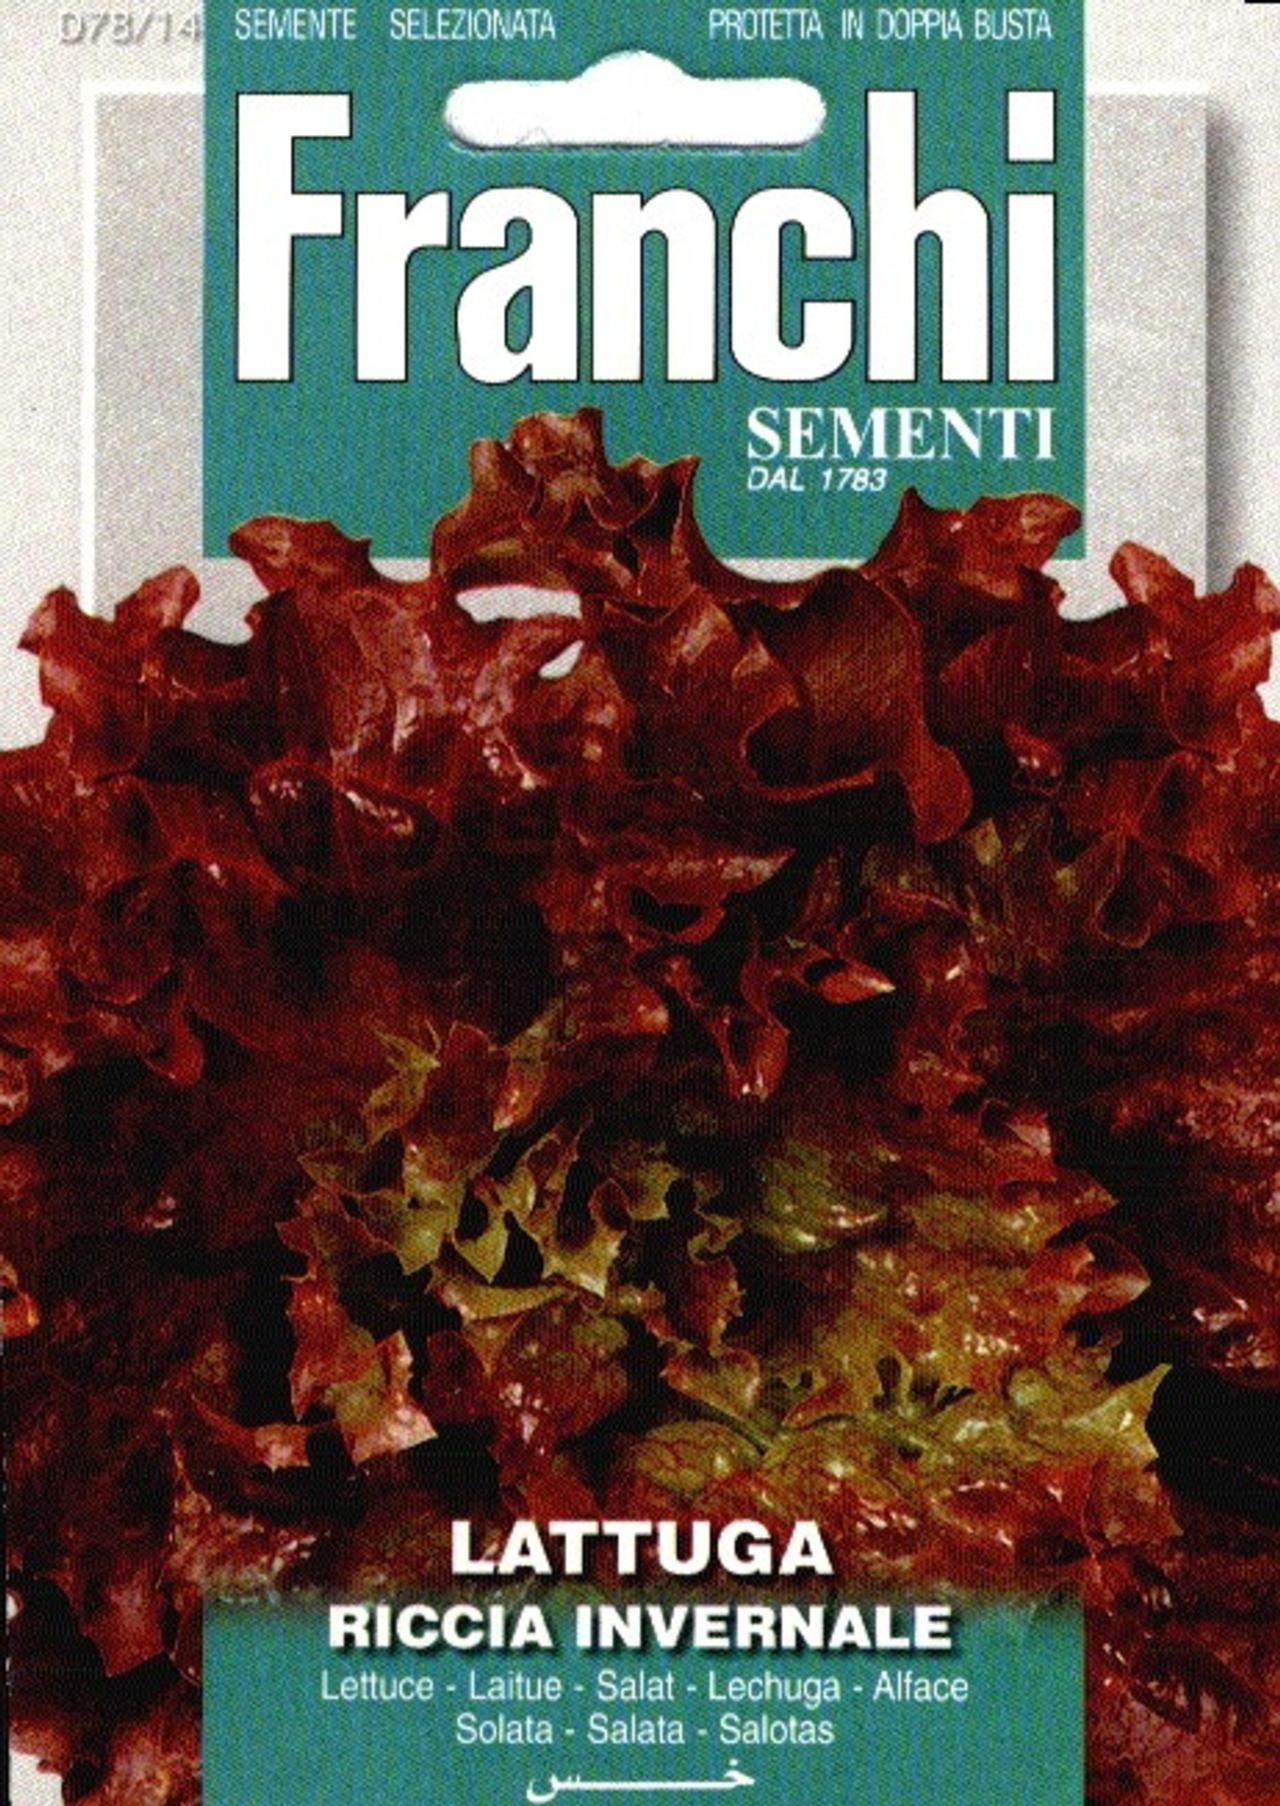 Lactuca sativa 'Riccia Invernale' plant